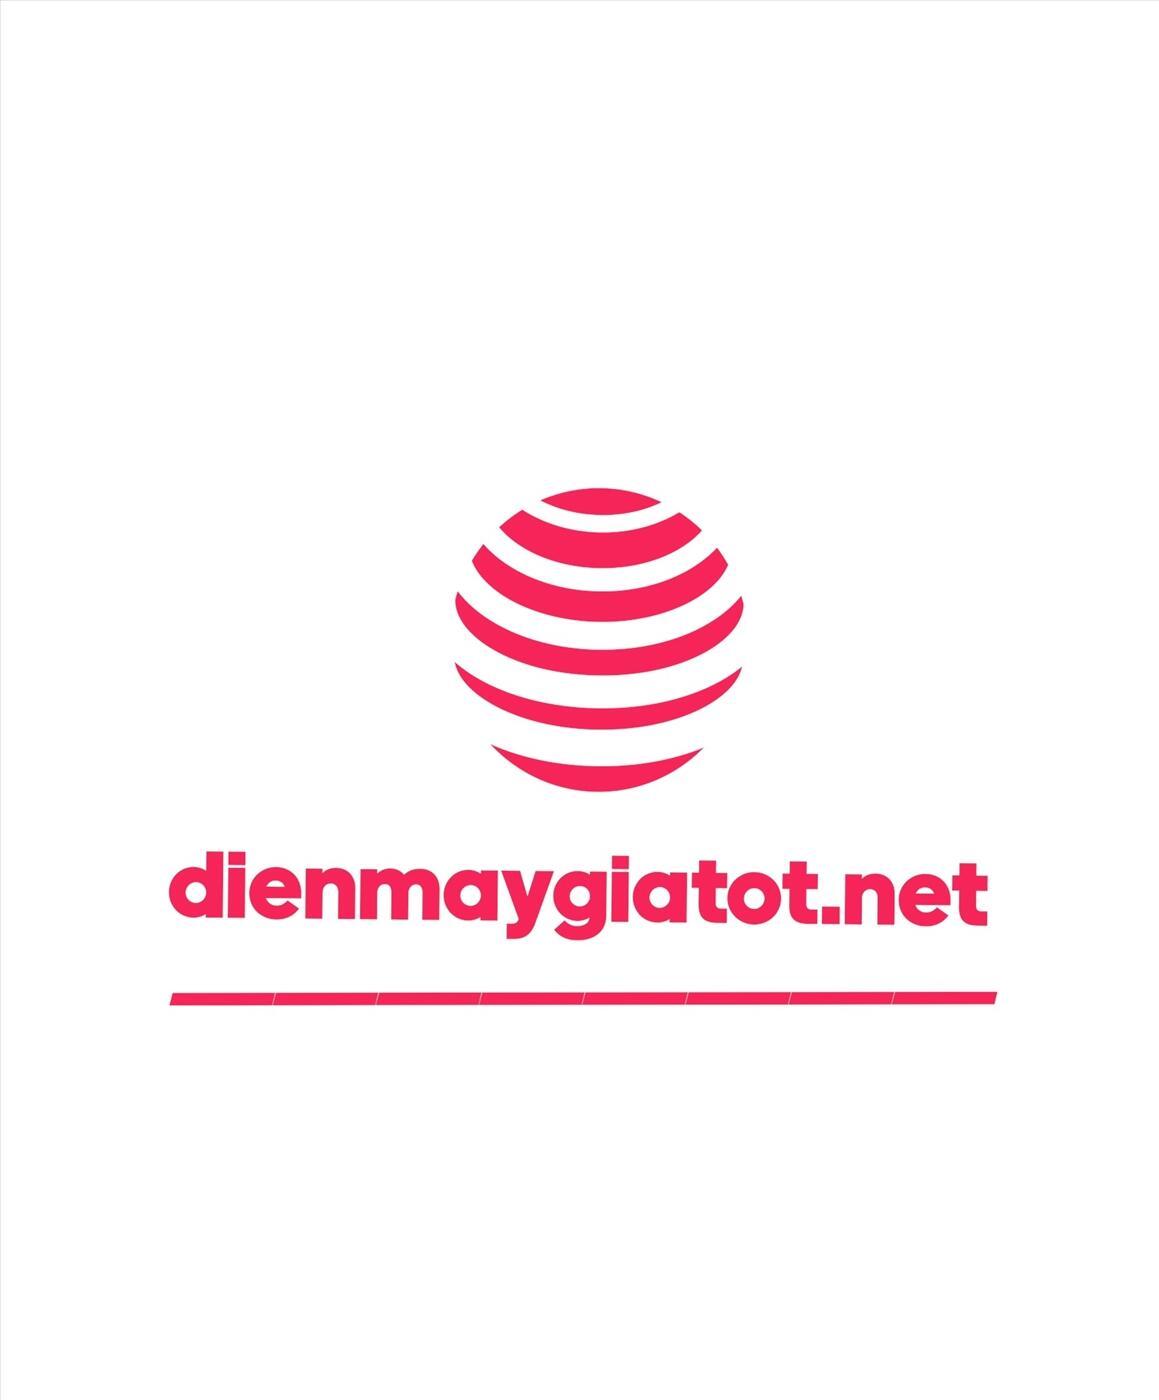 WWW.DIENMAYGIATOT.NET